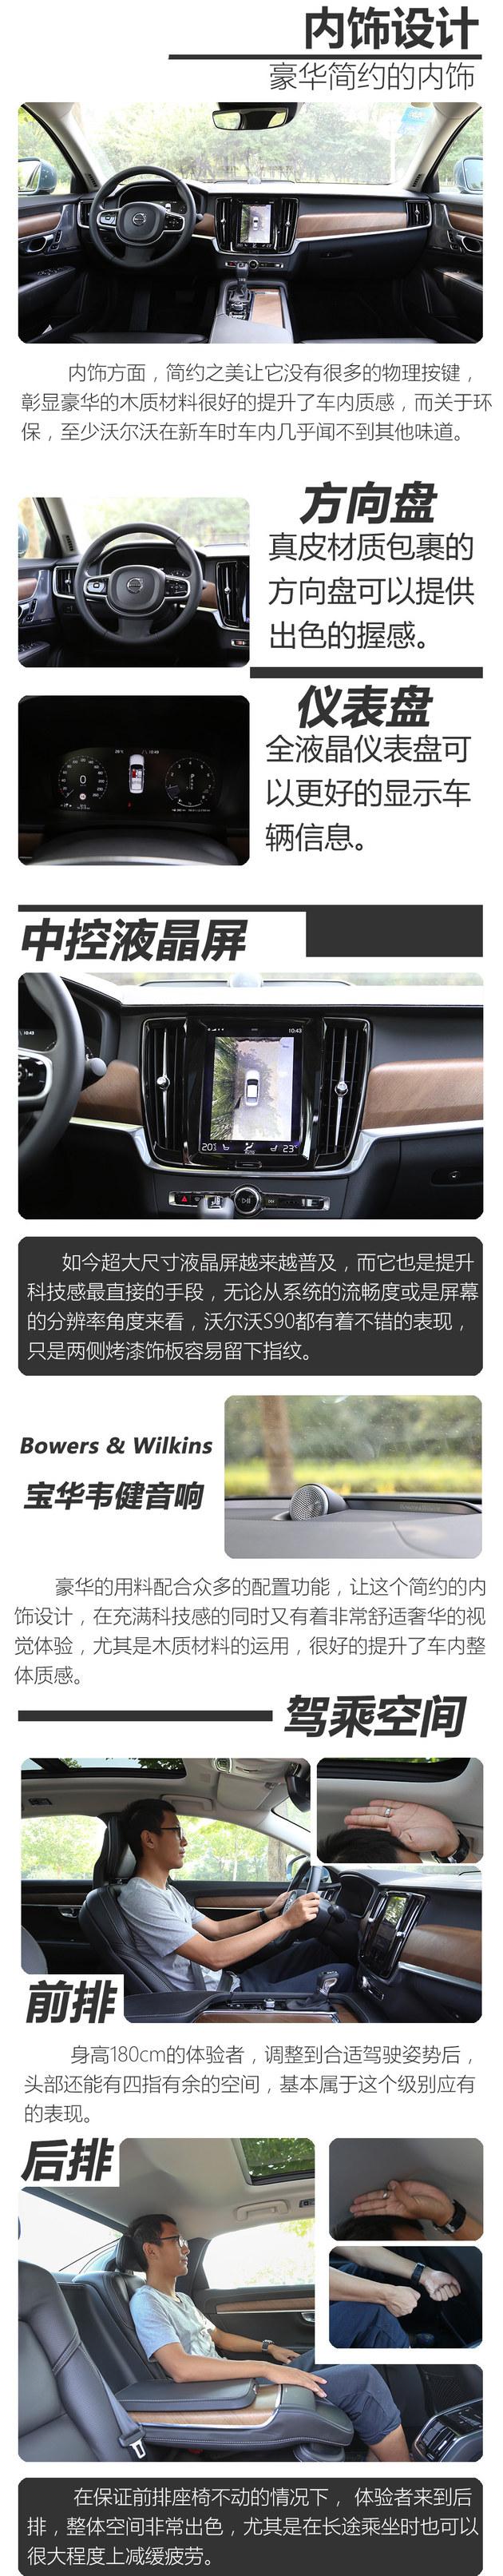 国产沃尔沃S90 T5性能测试 实力均衡